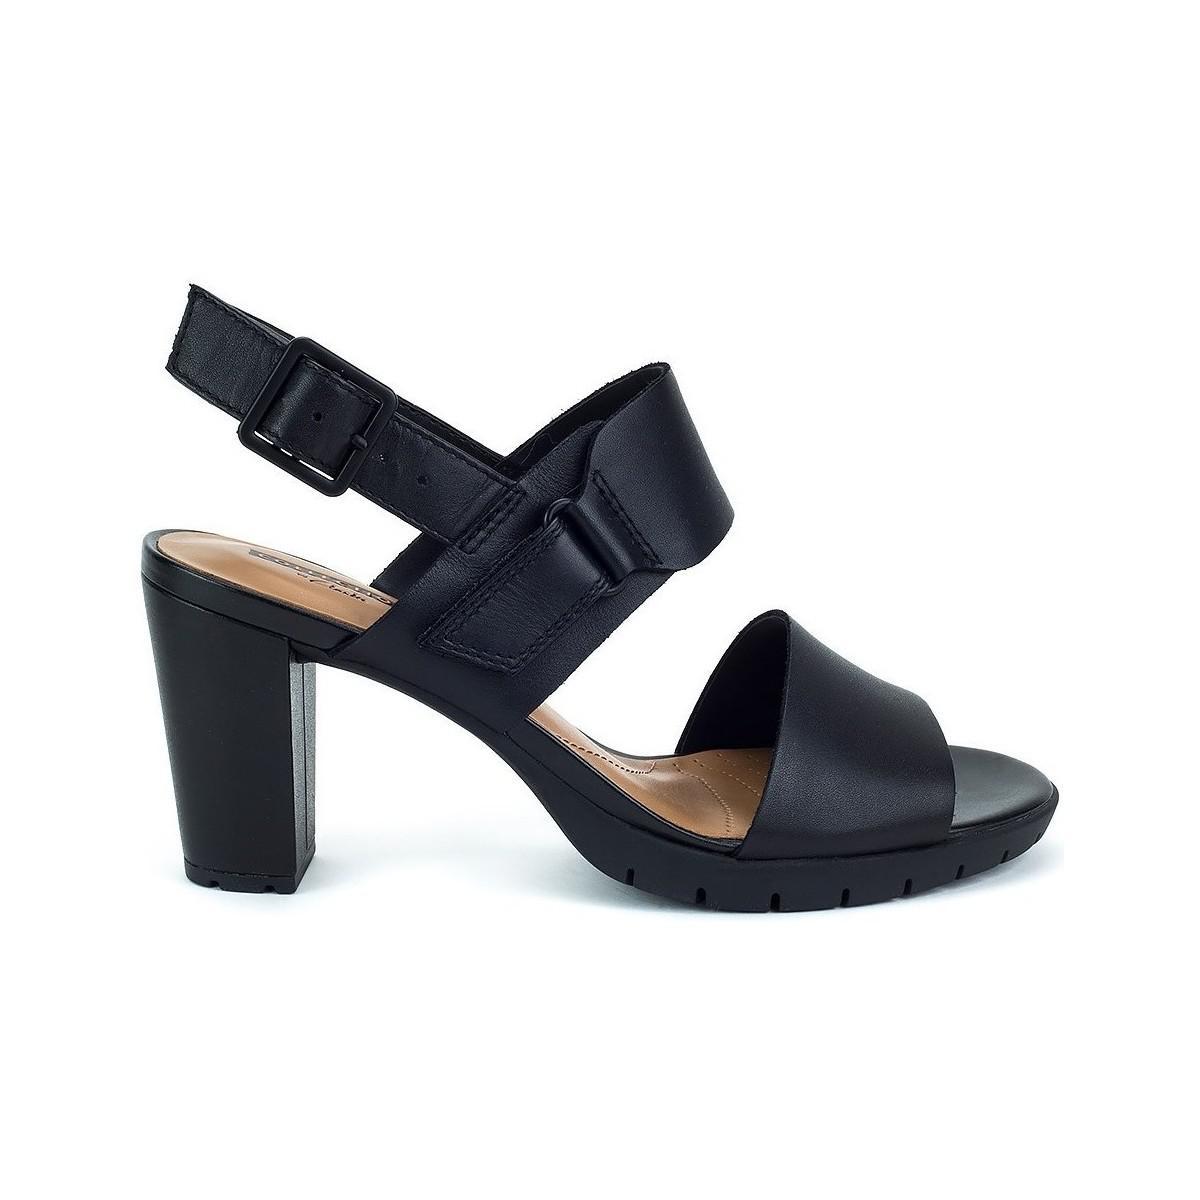 d5e65d2d99fd Clarks Kurtley Shine Women s Sandals In Black in Black - Lyst